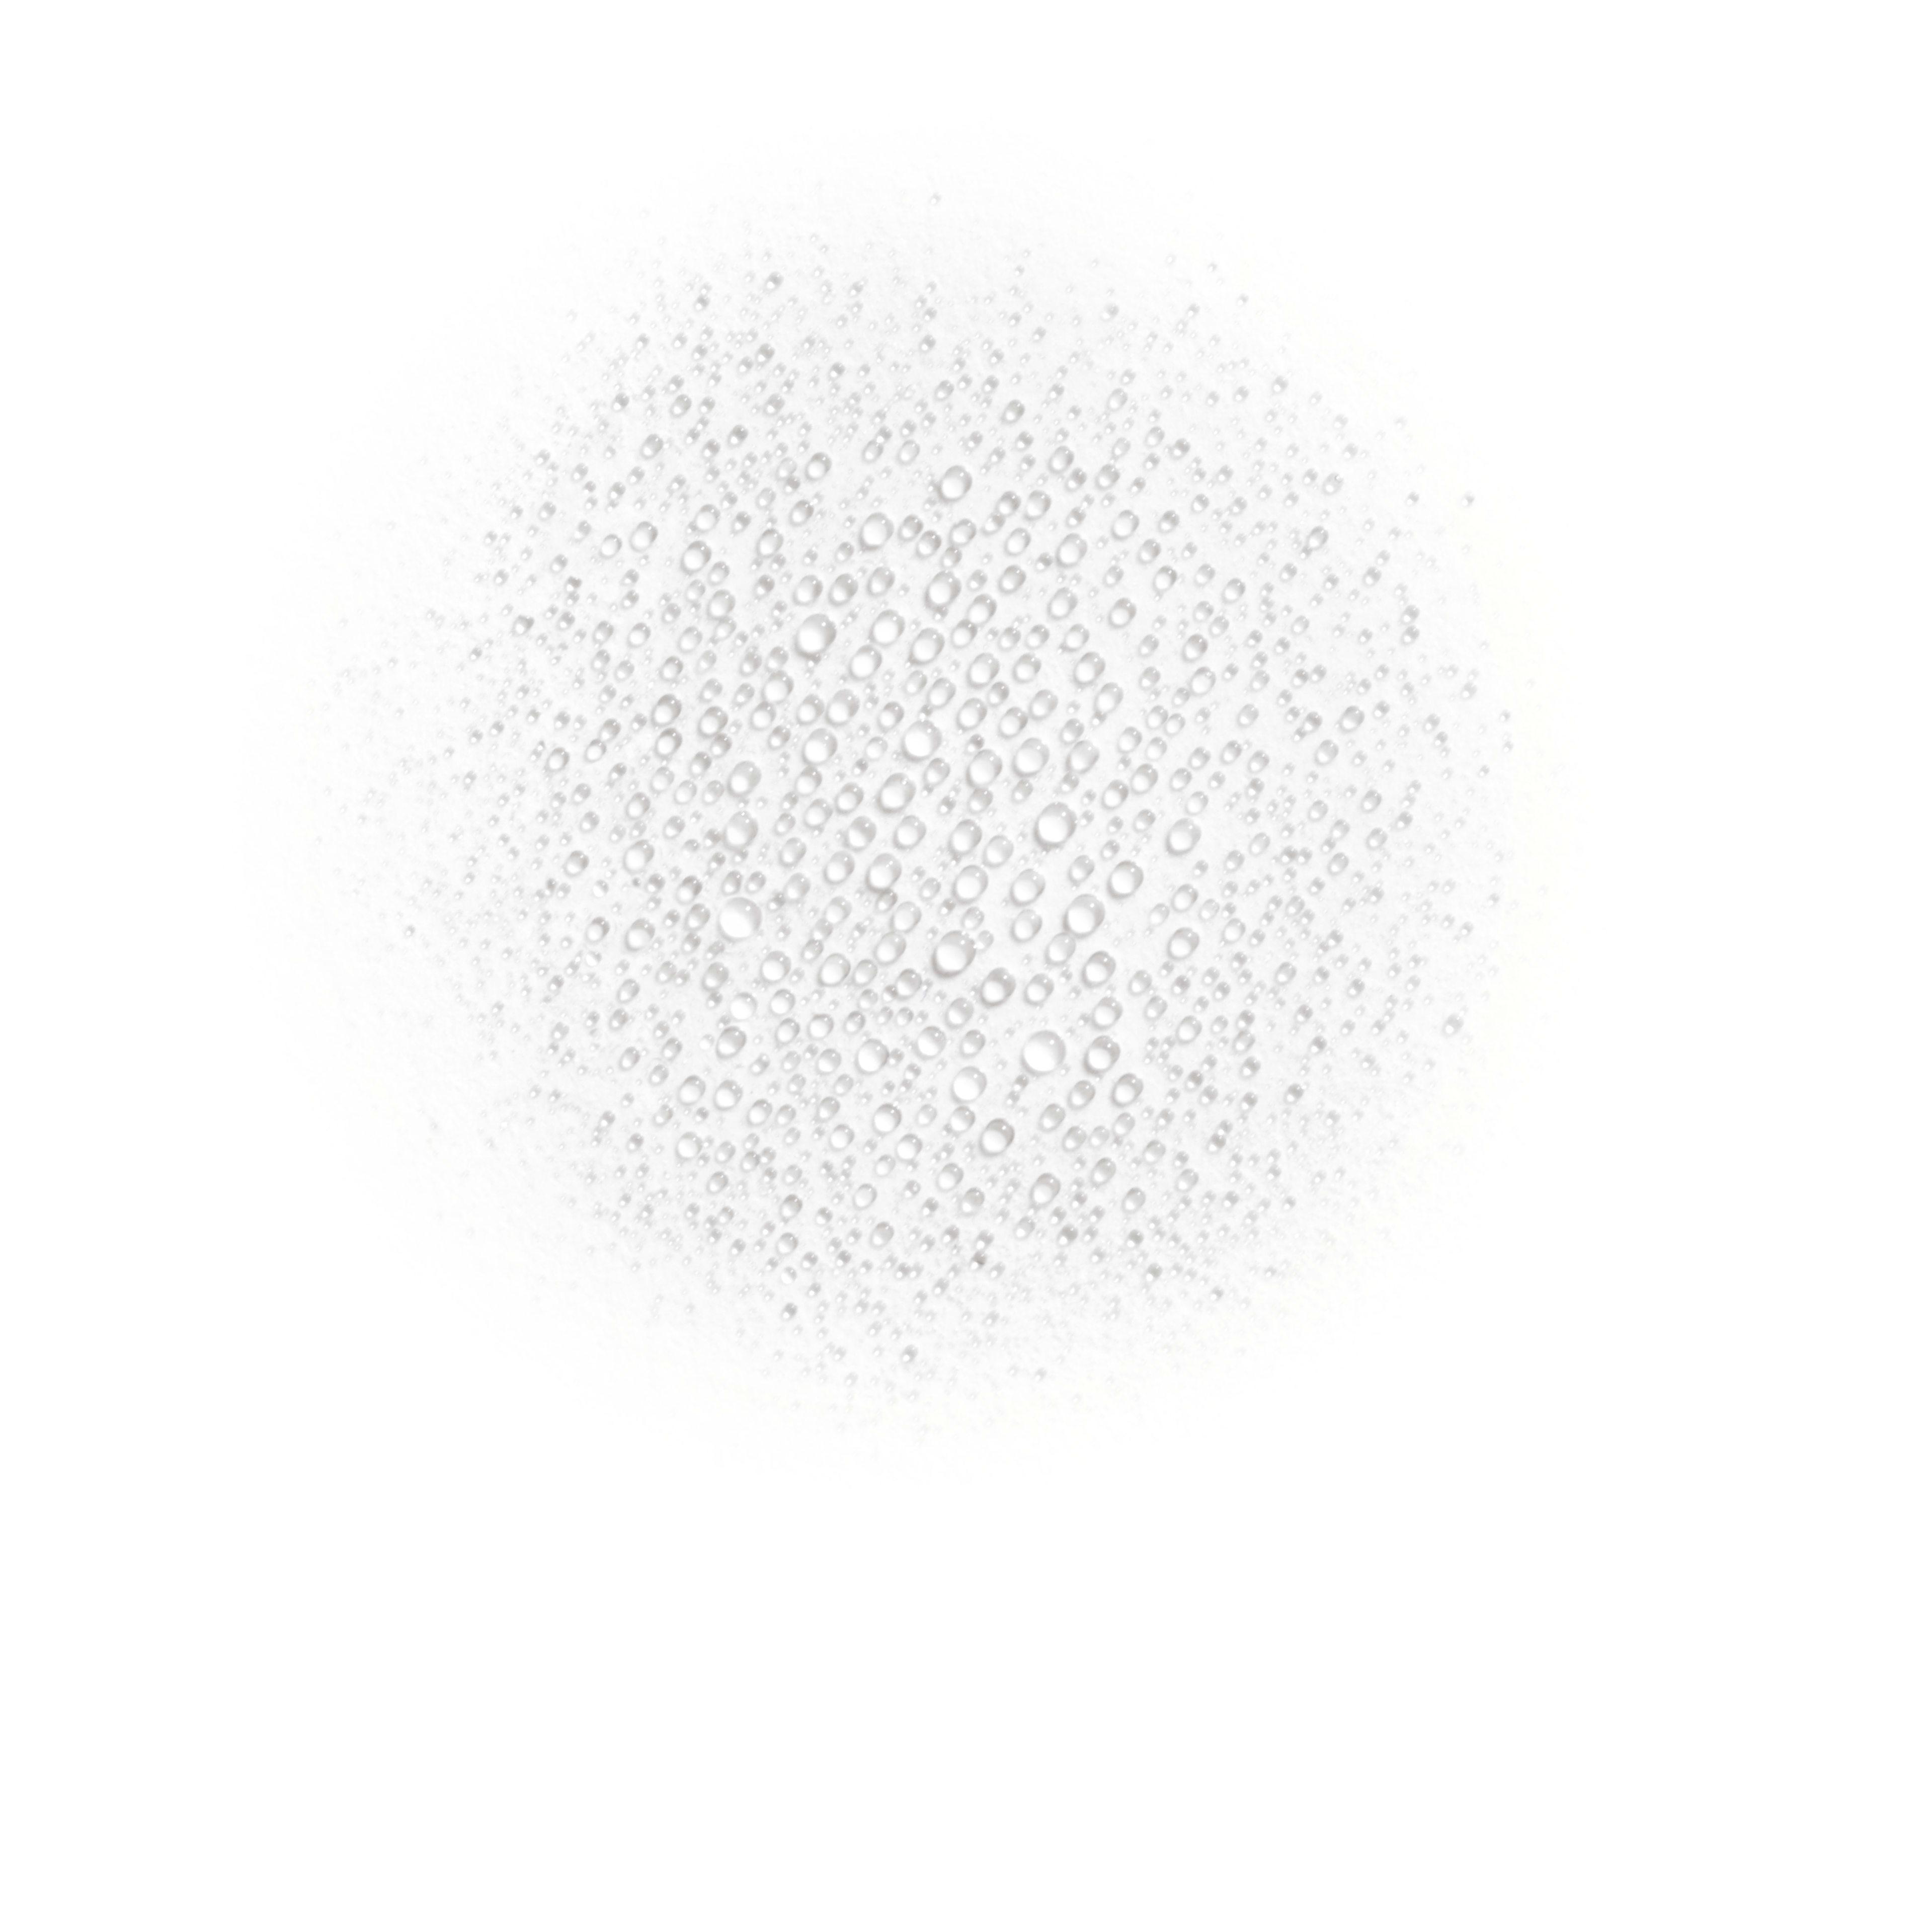 D-POLLUTION ESSENTIEL - skincare - 50ml - 基本質地視圖